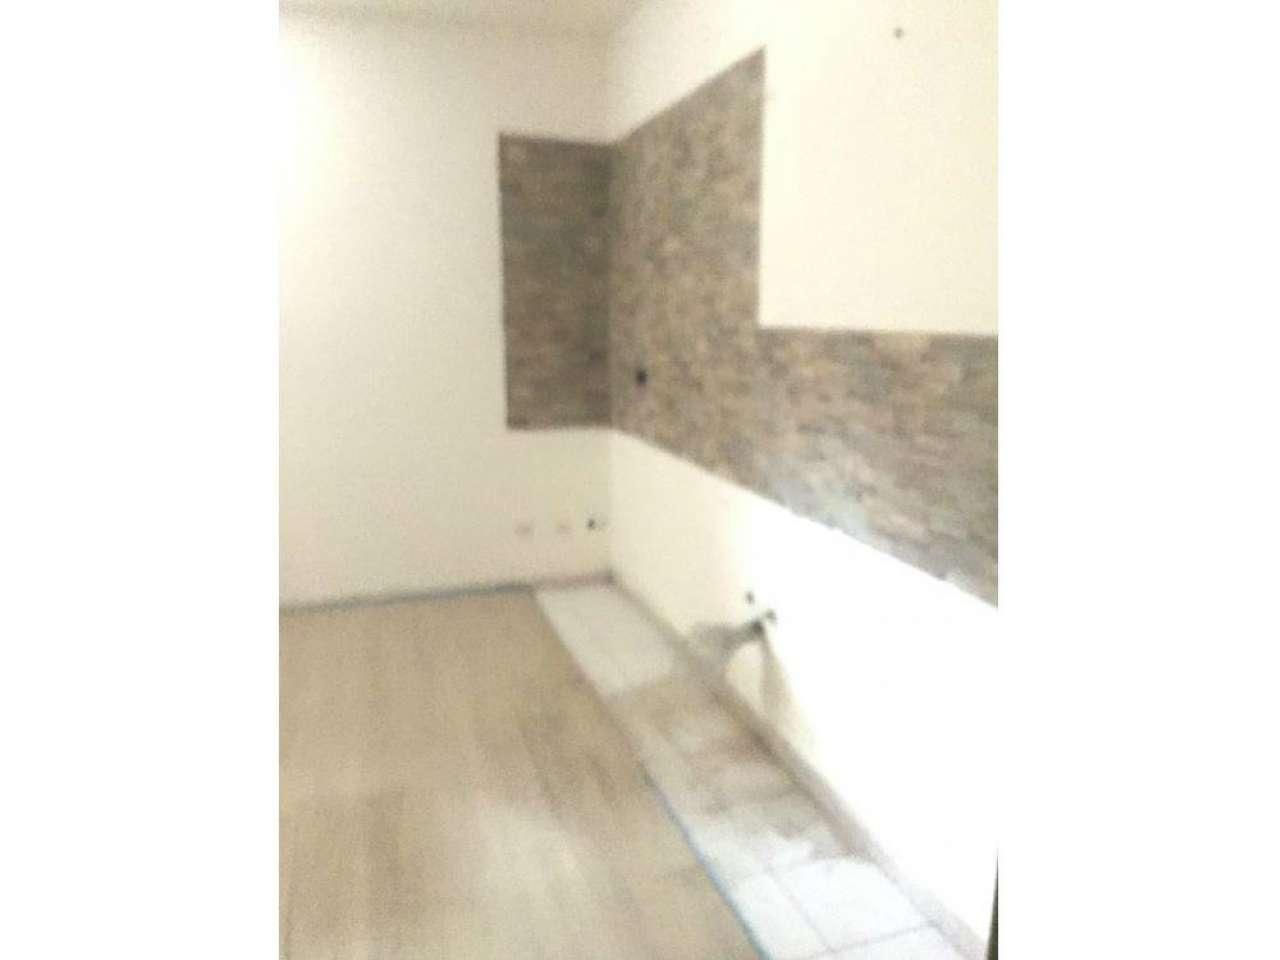 Appartamento in vendita a Roma, 2 locali, zona Zona: 9 . Prenestino, Collatino, Tor Sapienza, Torre Spaccata, Tor Tre Teste, Torre Maura, prezzo € 59.000   CambioCasa.it